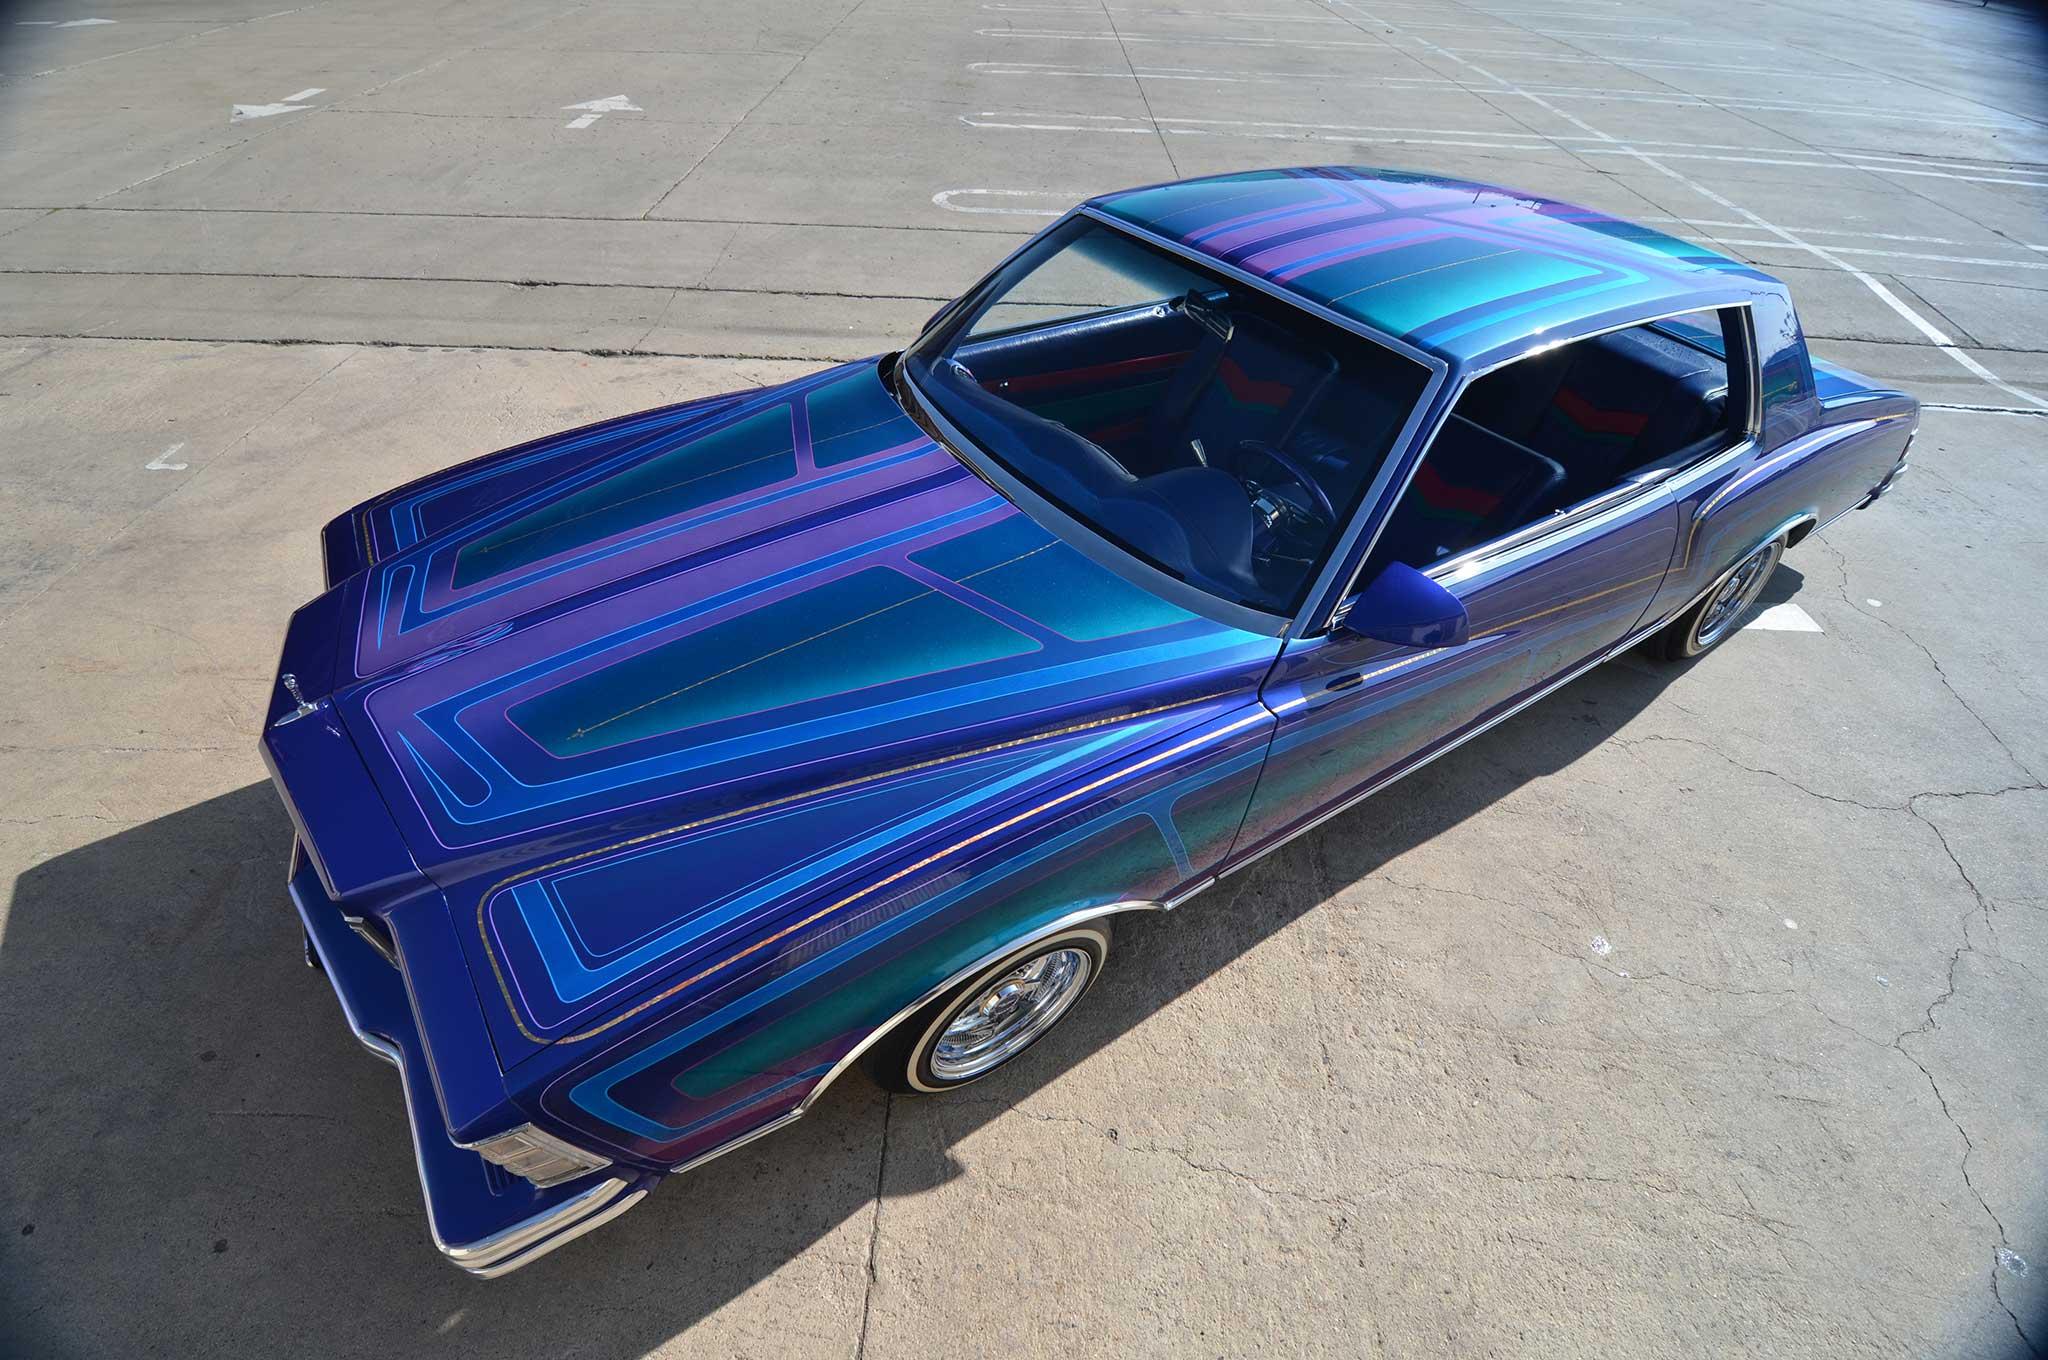 1979 Chevrolet Monte Carlo Artistic Impressions